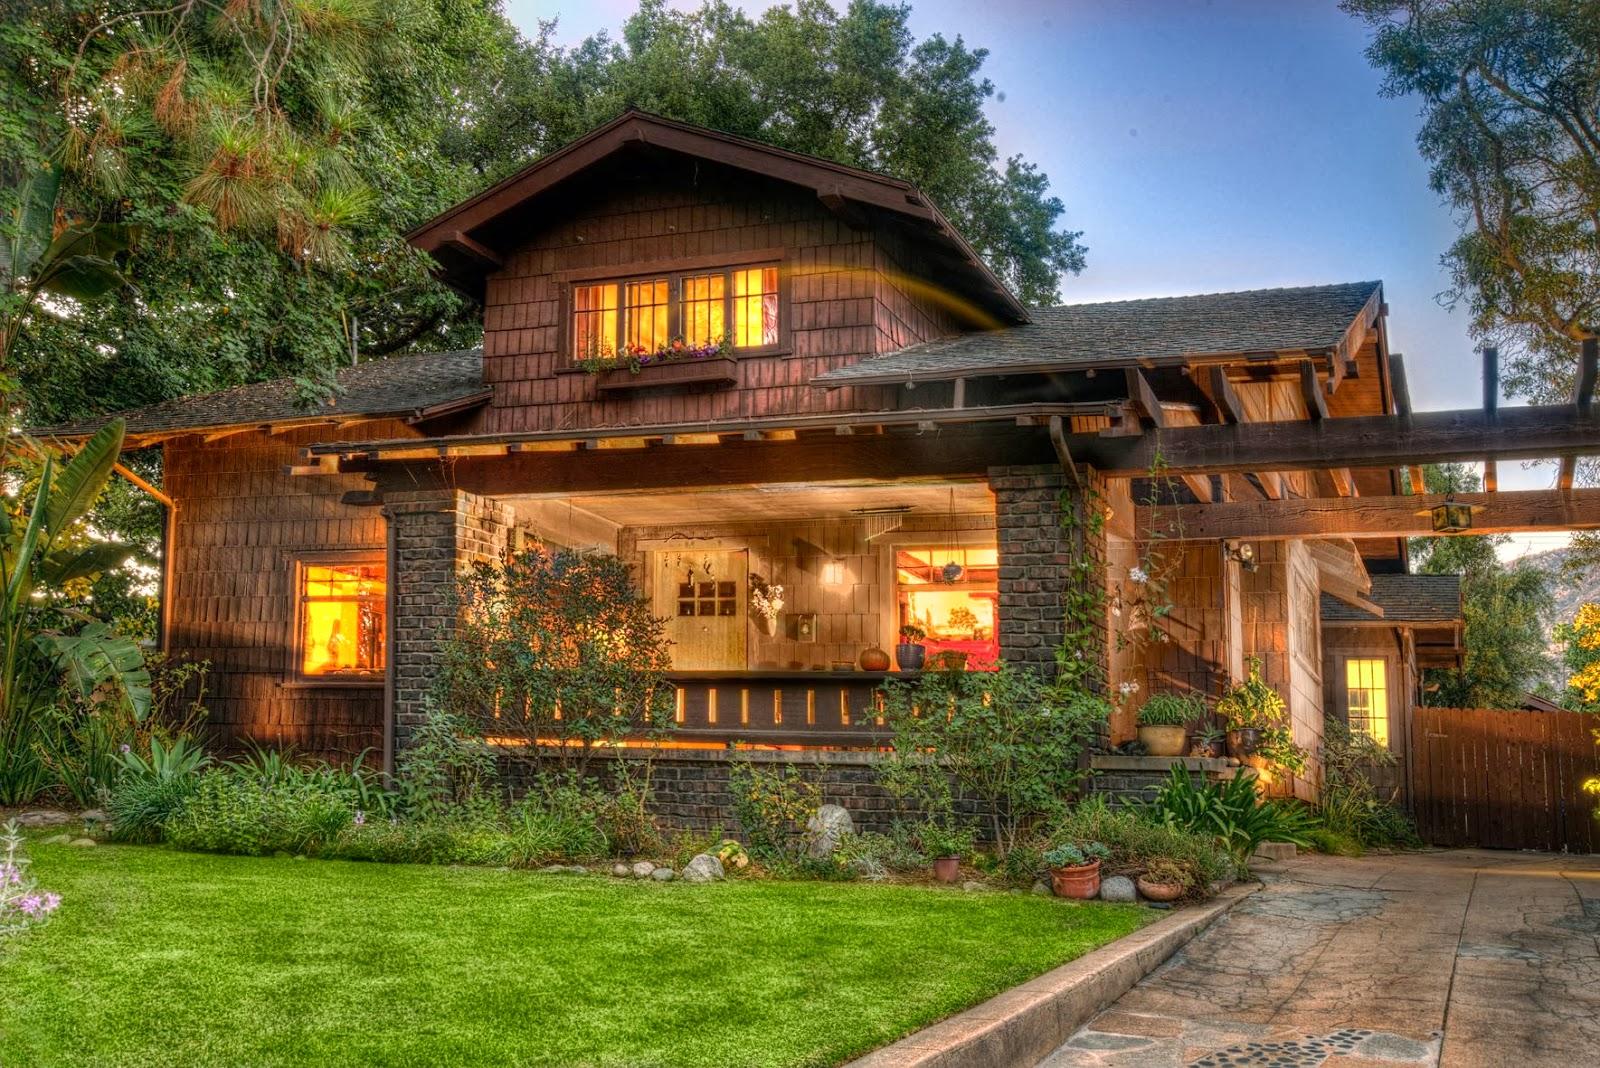 nhà gỗ đẹp nam bộ